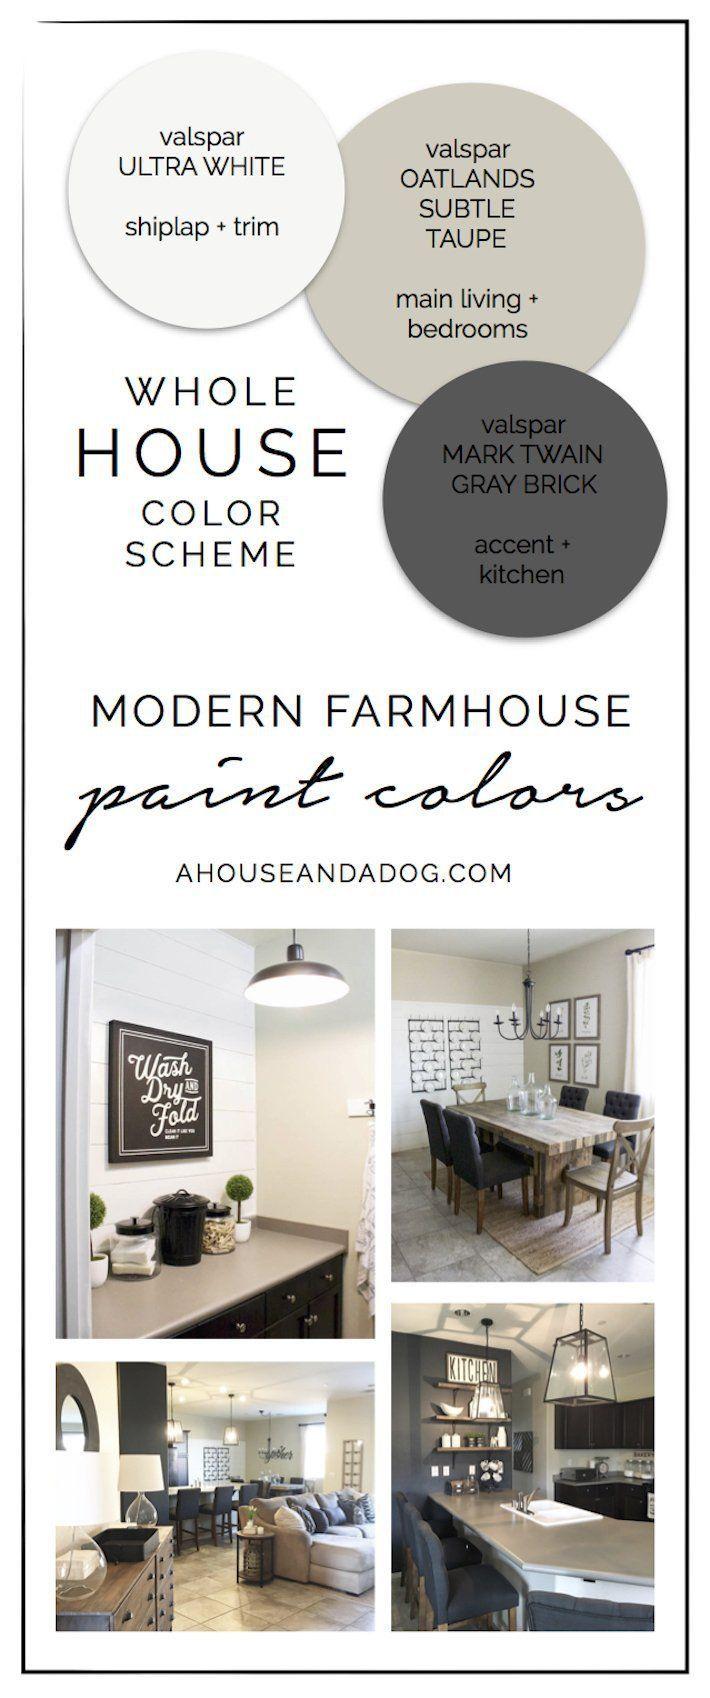 Whole House Color Scheme Modern Farmhouse Paint Colors